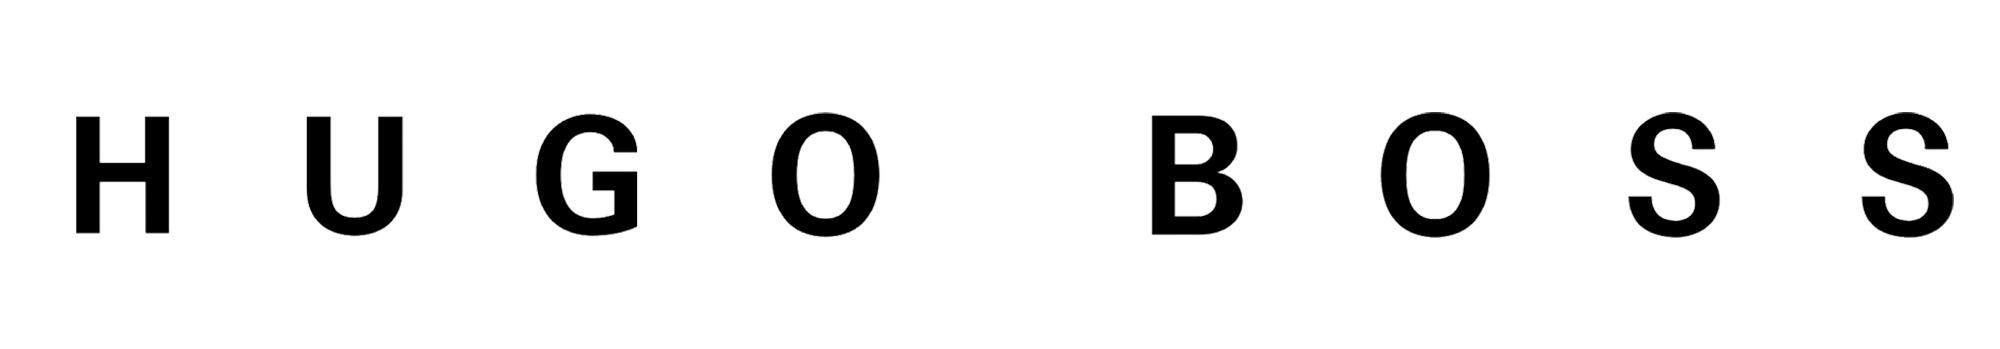 Font-Hugo-Boss-Logo.jpg